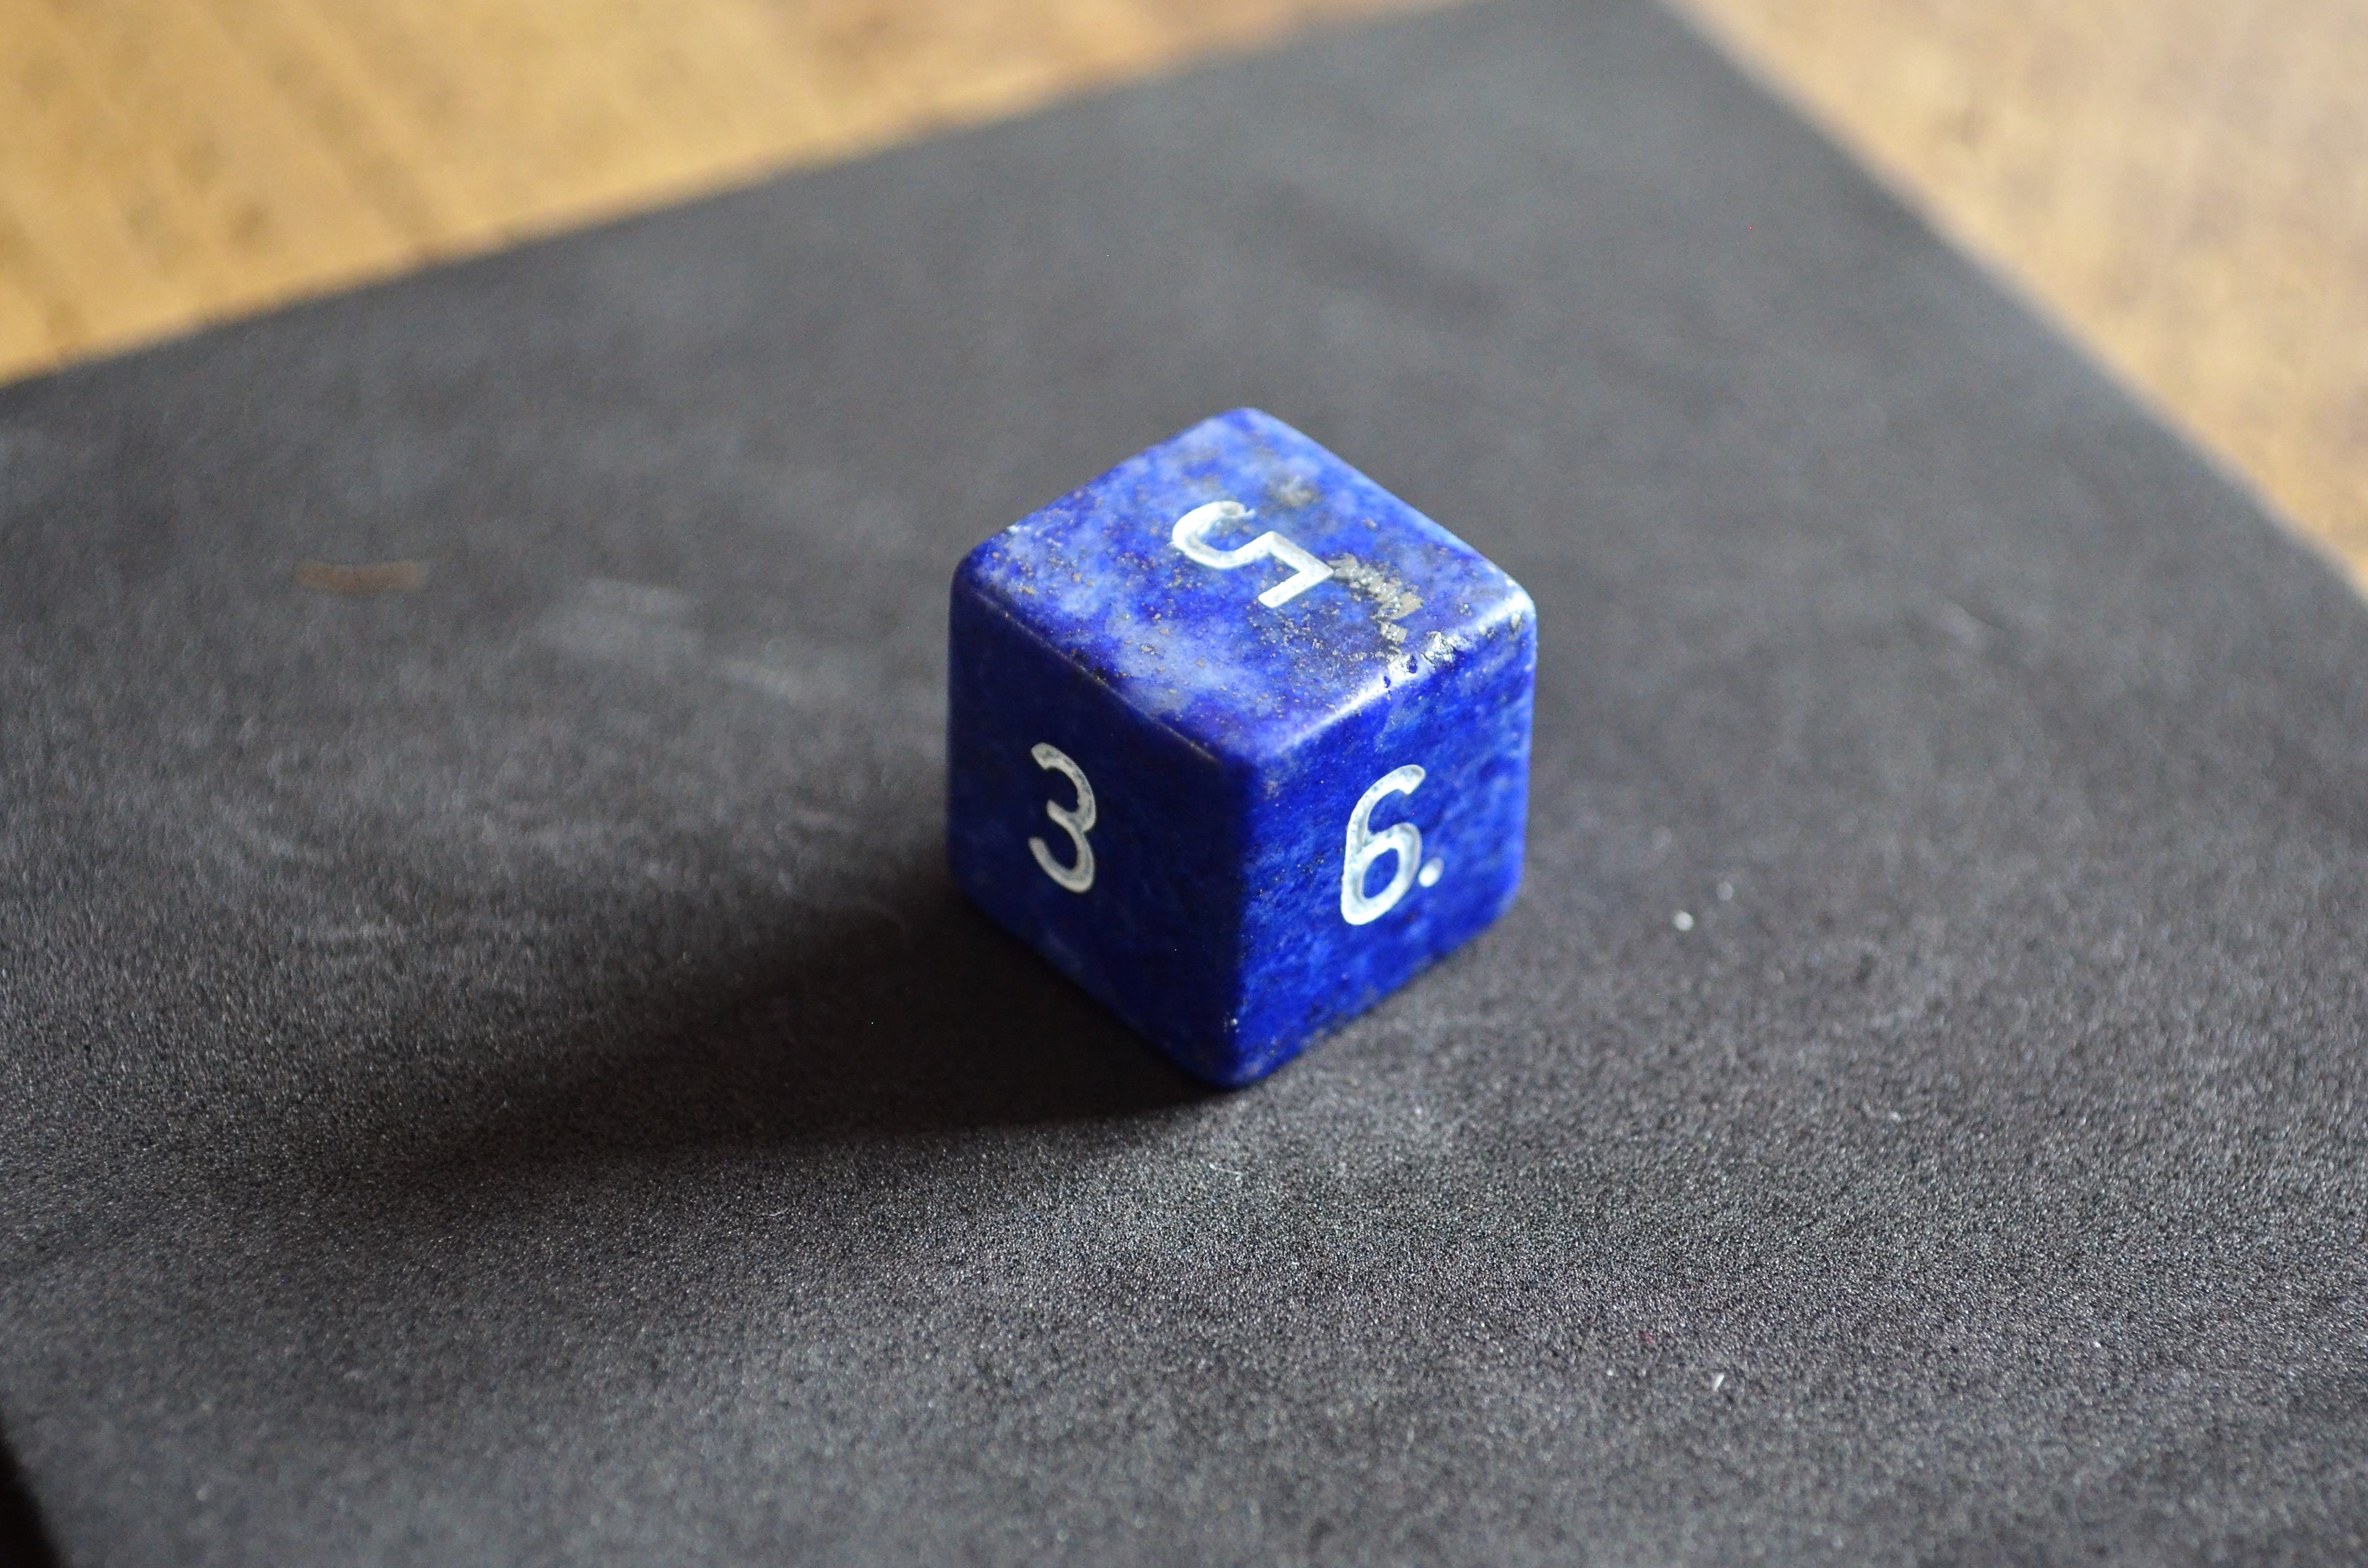 d6 Lapis Lazuli